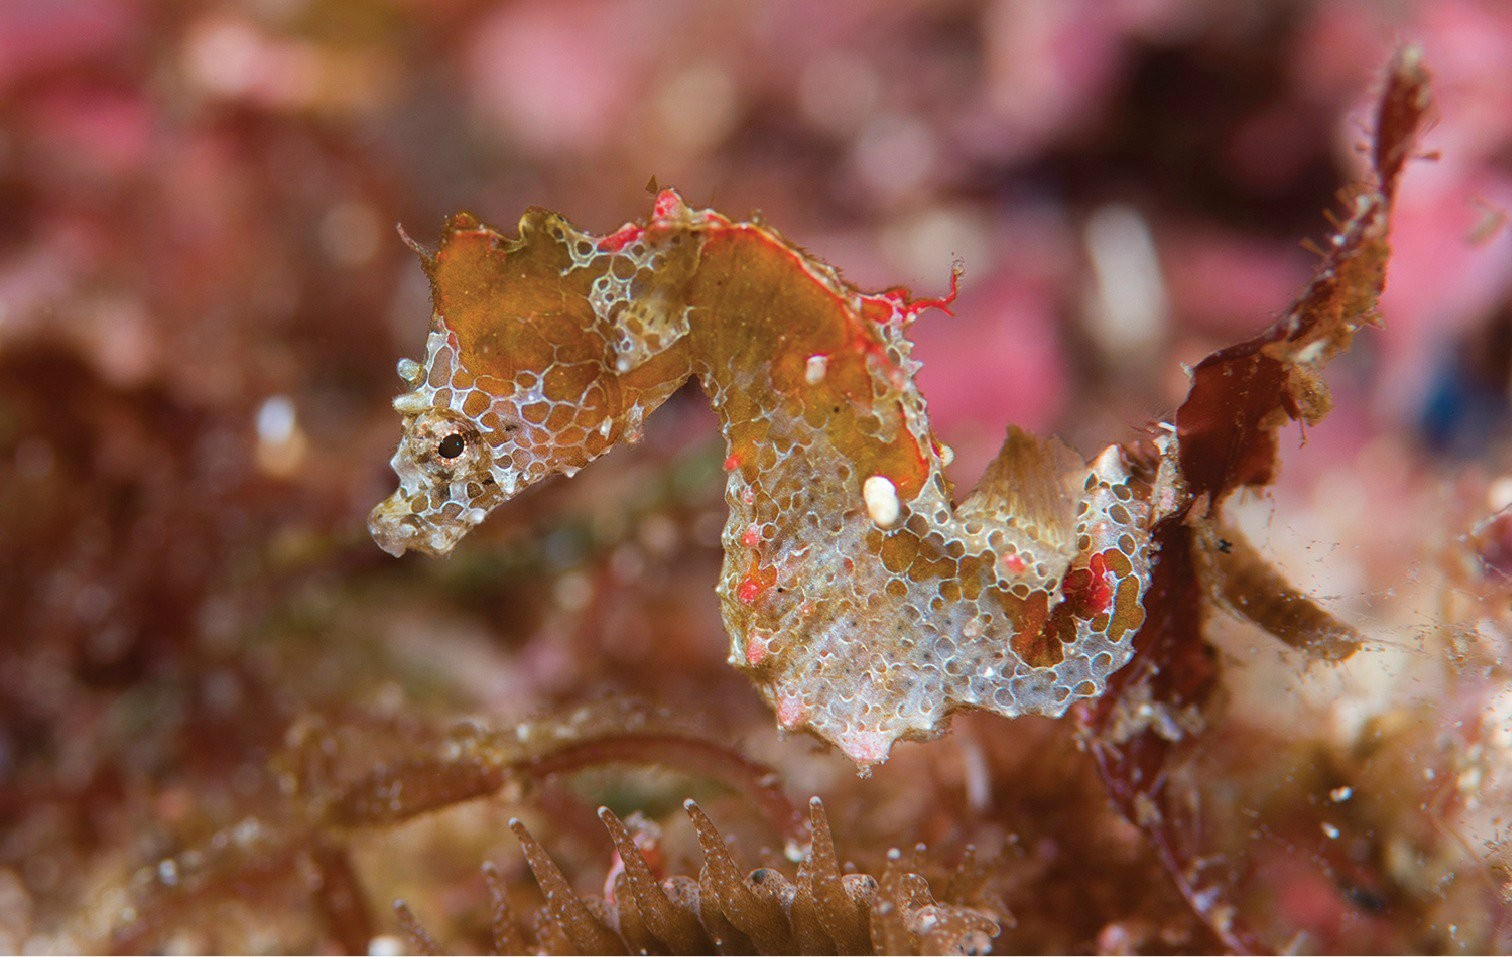 Cavalo-marinho pigmeu Hippocampus japapigu possui apenas um par de 'asas' (Foto: Richard Smith/ZooKeys)